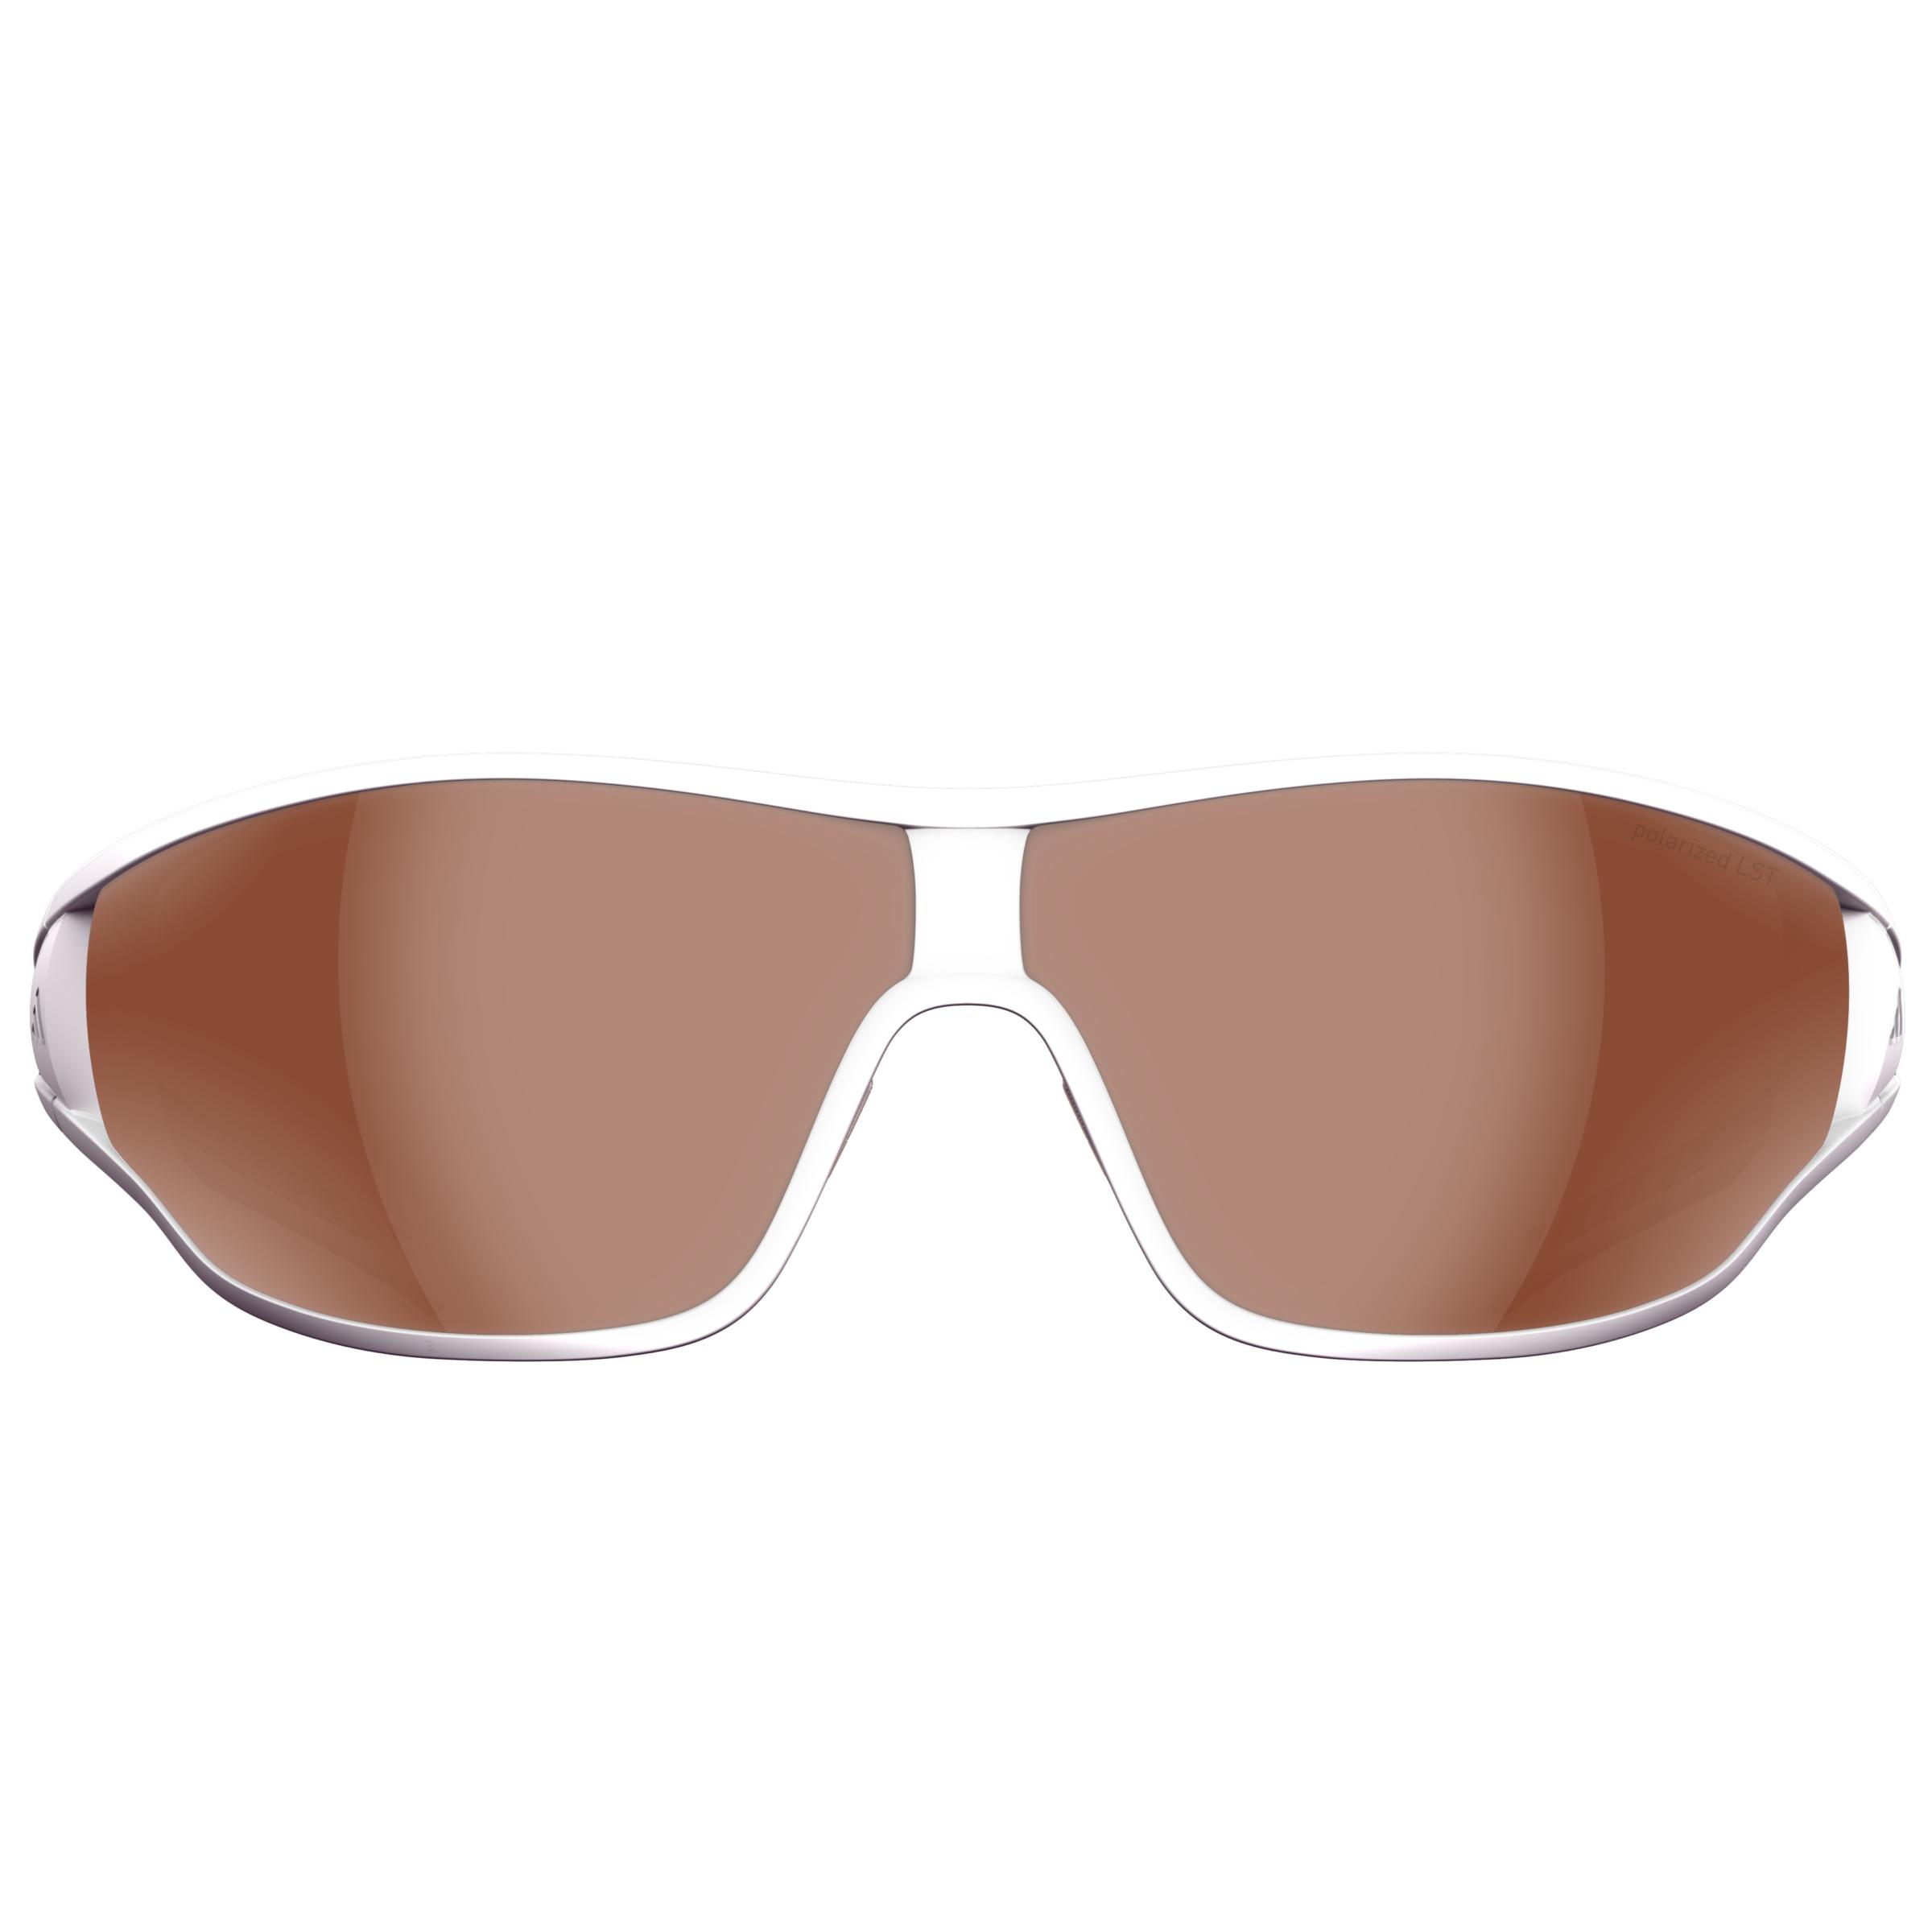 59d2fa80c14 Sunglasses Oakley Corrective Lenses « Heritage Malta